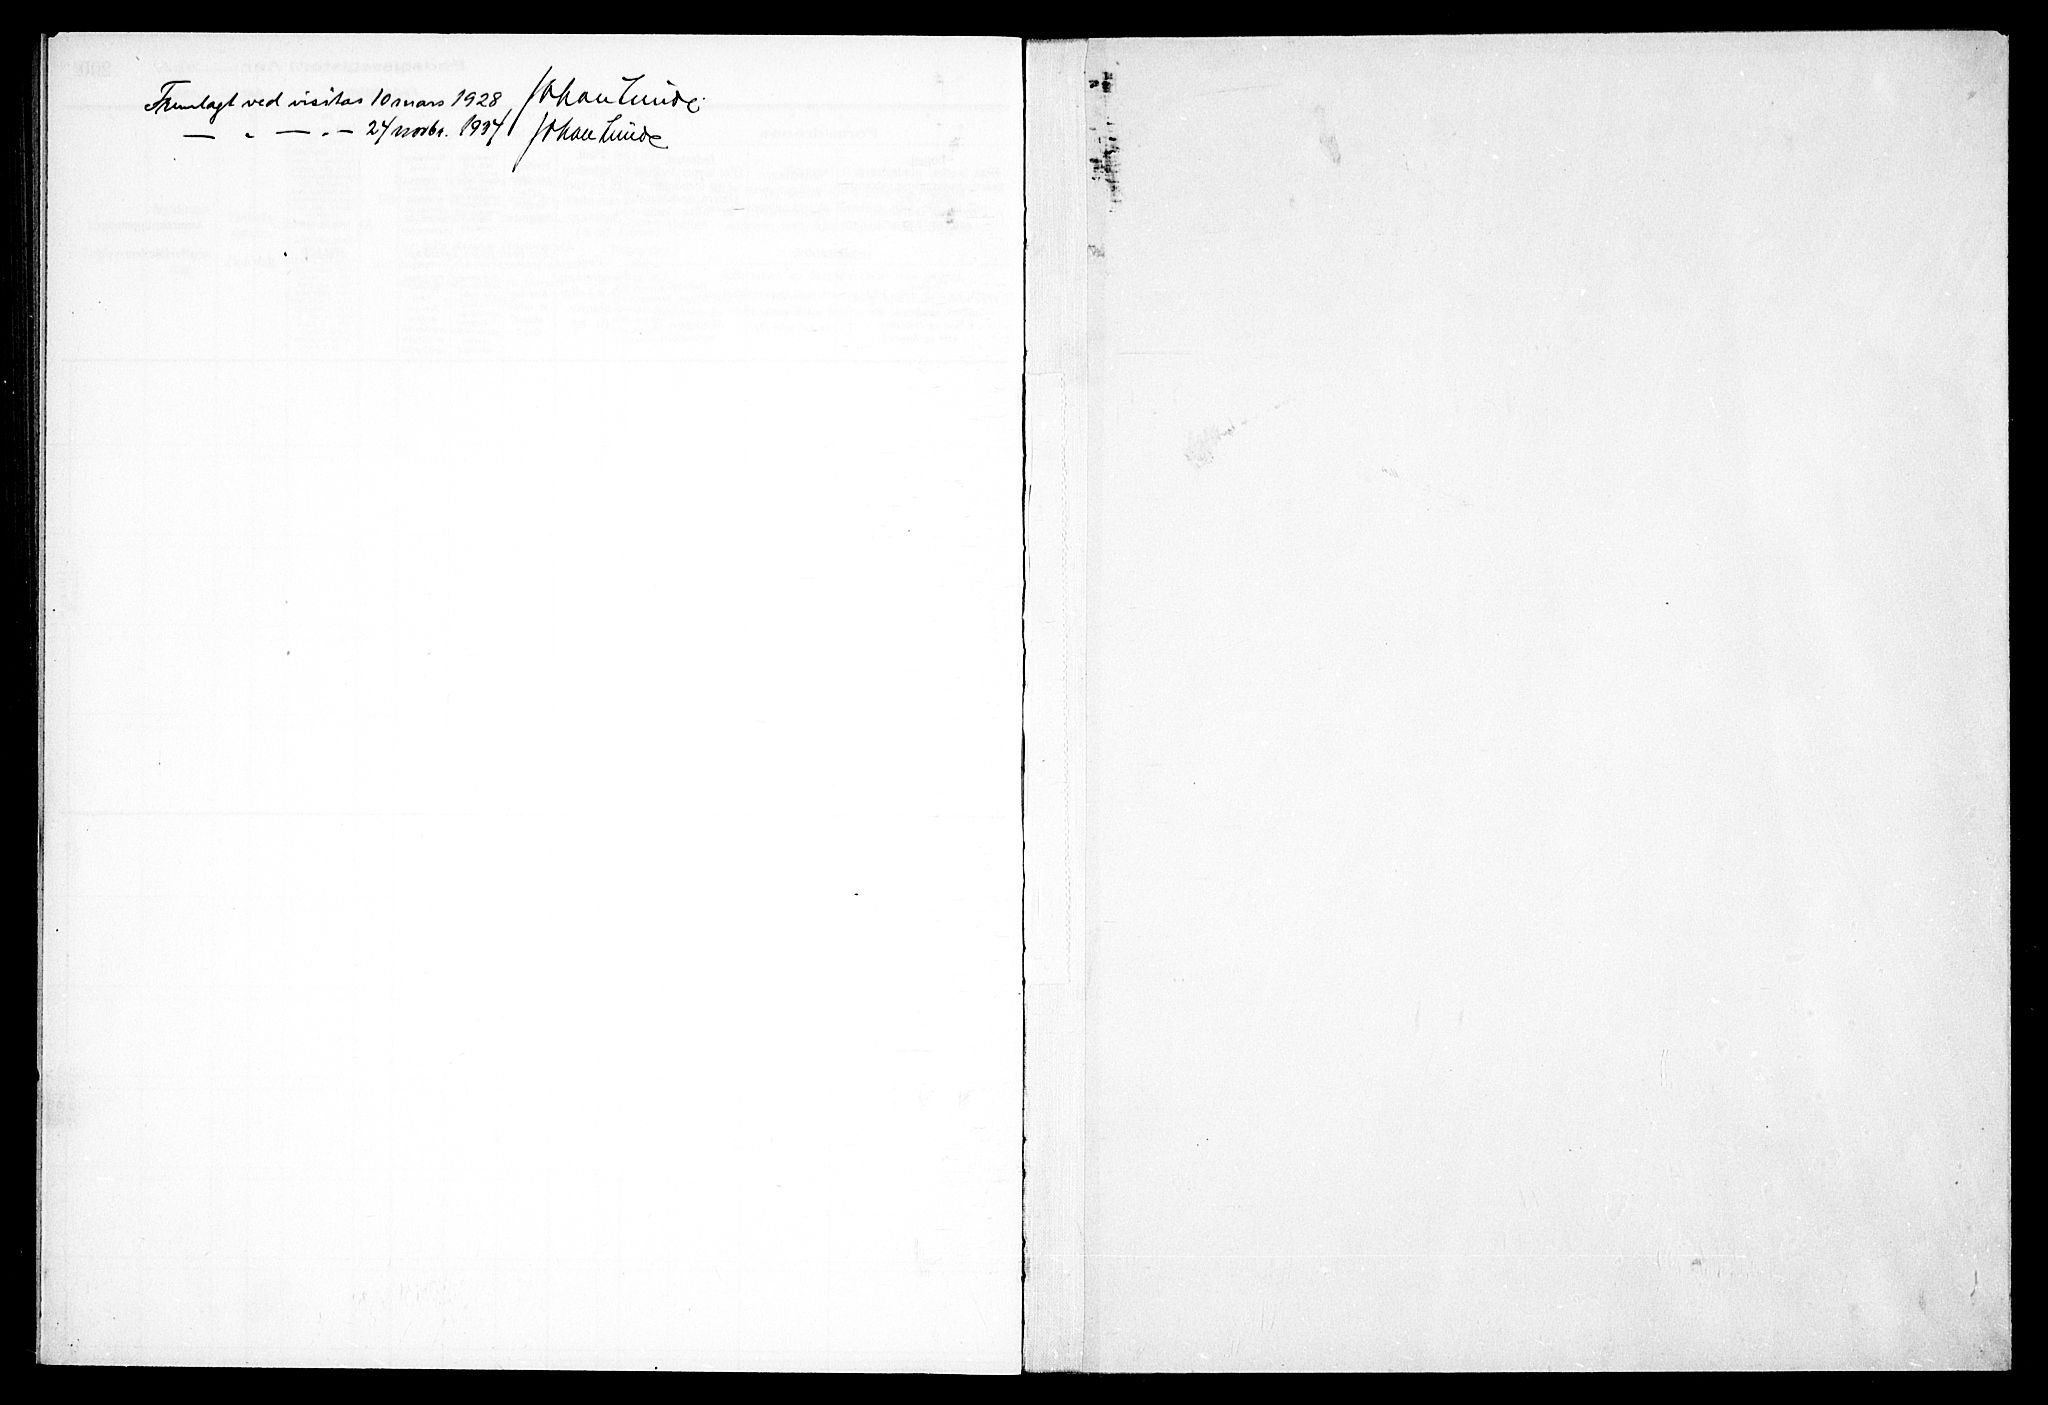 SAO, Gamle Aker prestekontor Kirkebøker, J/L0002: Fødselsregister nr. 2, 1927-1935